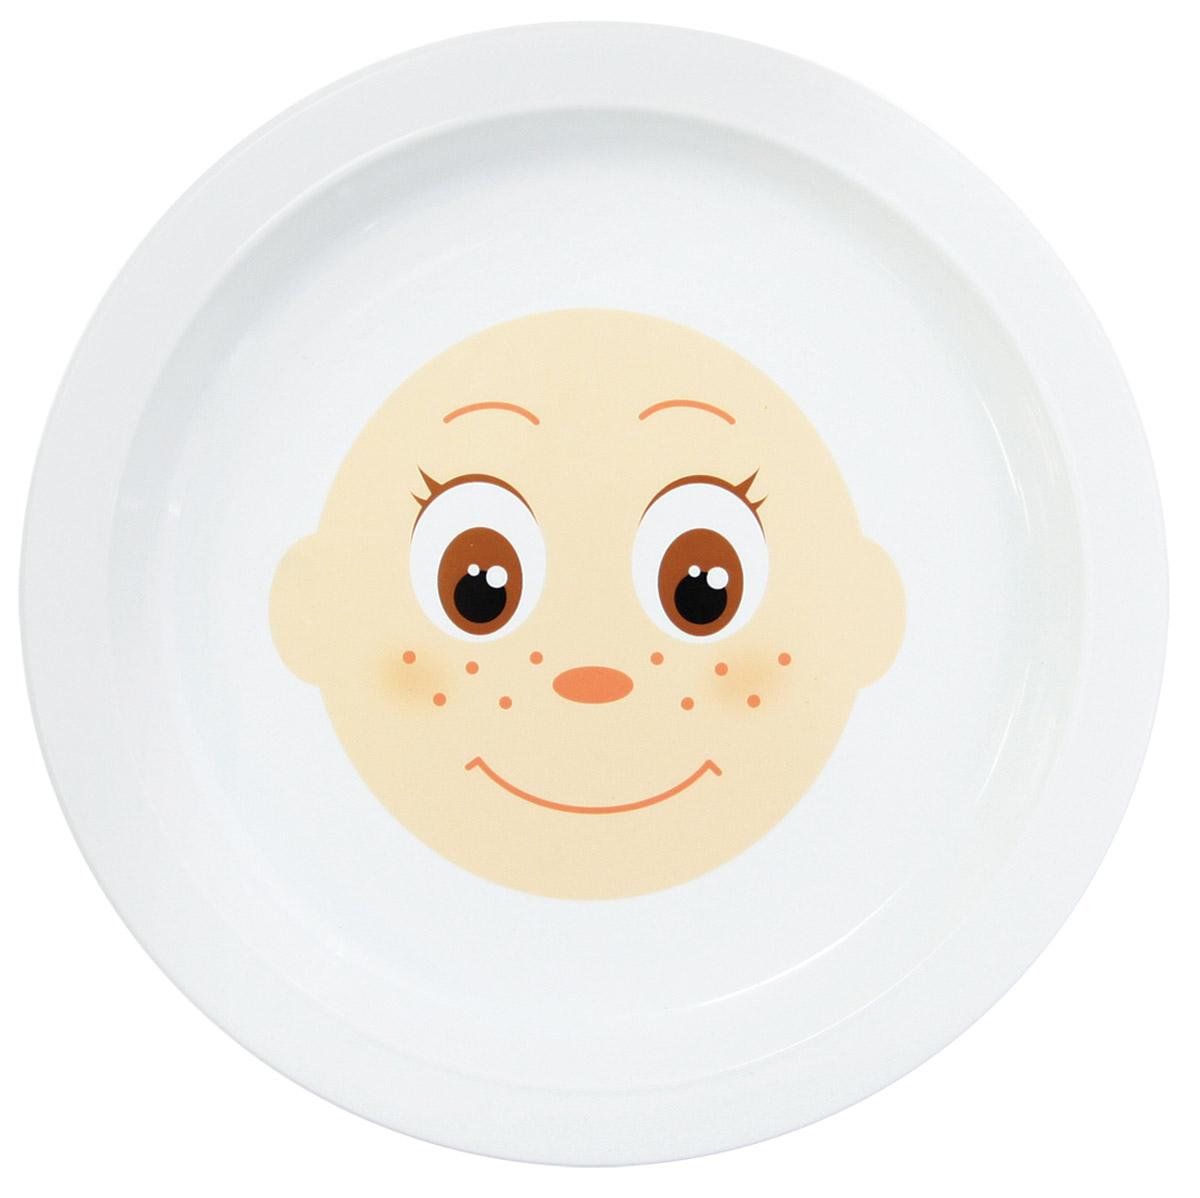 Lubby Тарелка детская ФантазерКА14125Тарелка детская Lubby ФантазерКА создана специально для творческих натур.Это помощник родителям, которые создают для своего ребенка сказку даже во время приема пищи. Идея тарелки ФантазерКА в том, что вы можете совместно со своим ребенком создавать образы веселых человечков с помощью завтраков, обедов и ужинов! Все очень просто: выкладывайте продукты прямо на тарелку. Включайте свою фантазию!Тарелку запрещено мыть в посудомоечной машине. На тарелке запрещено резать продукты.